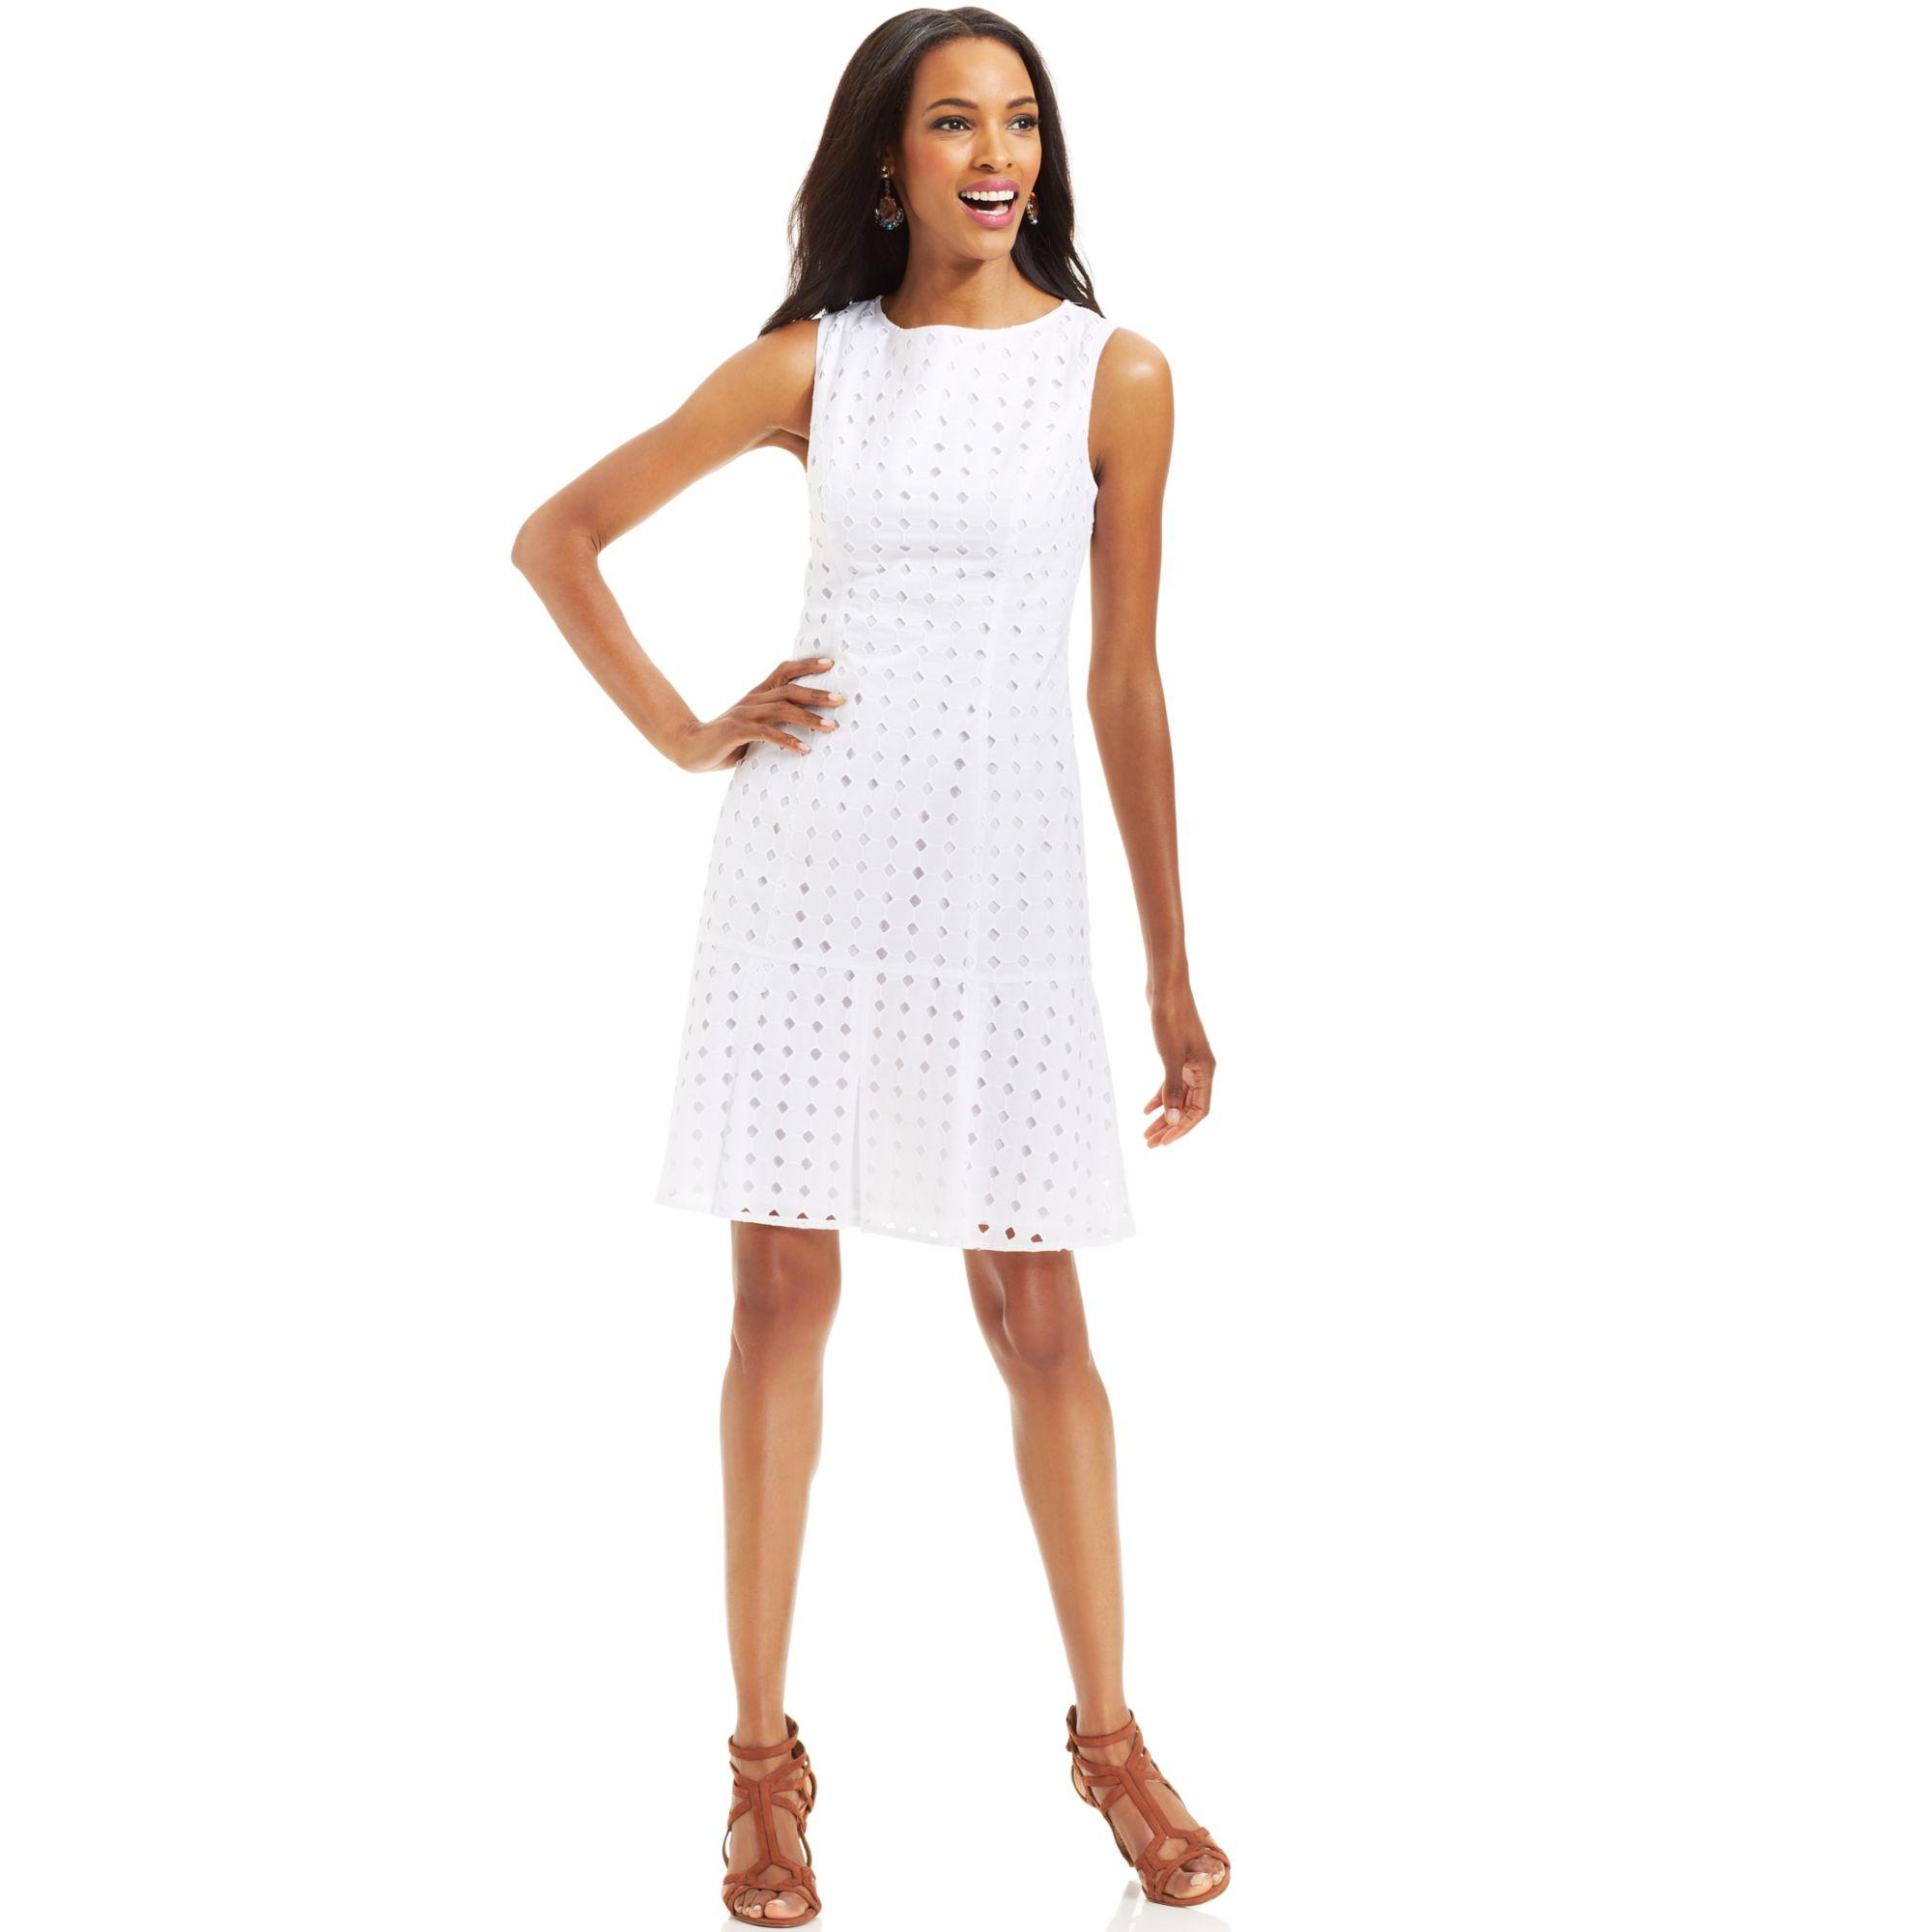 Nine West Sleeveless Cotton Eyelet Dress in White